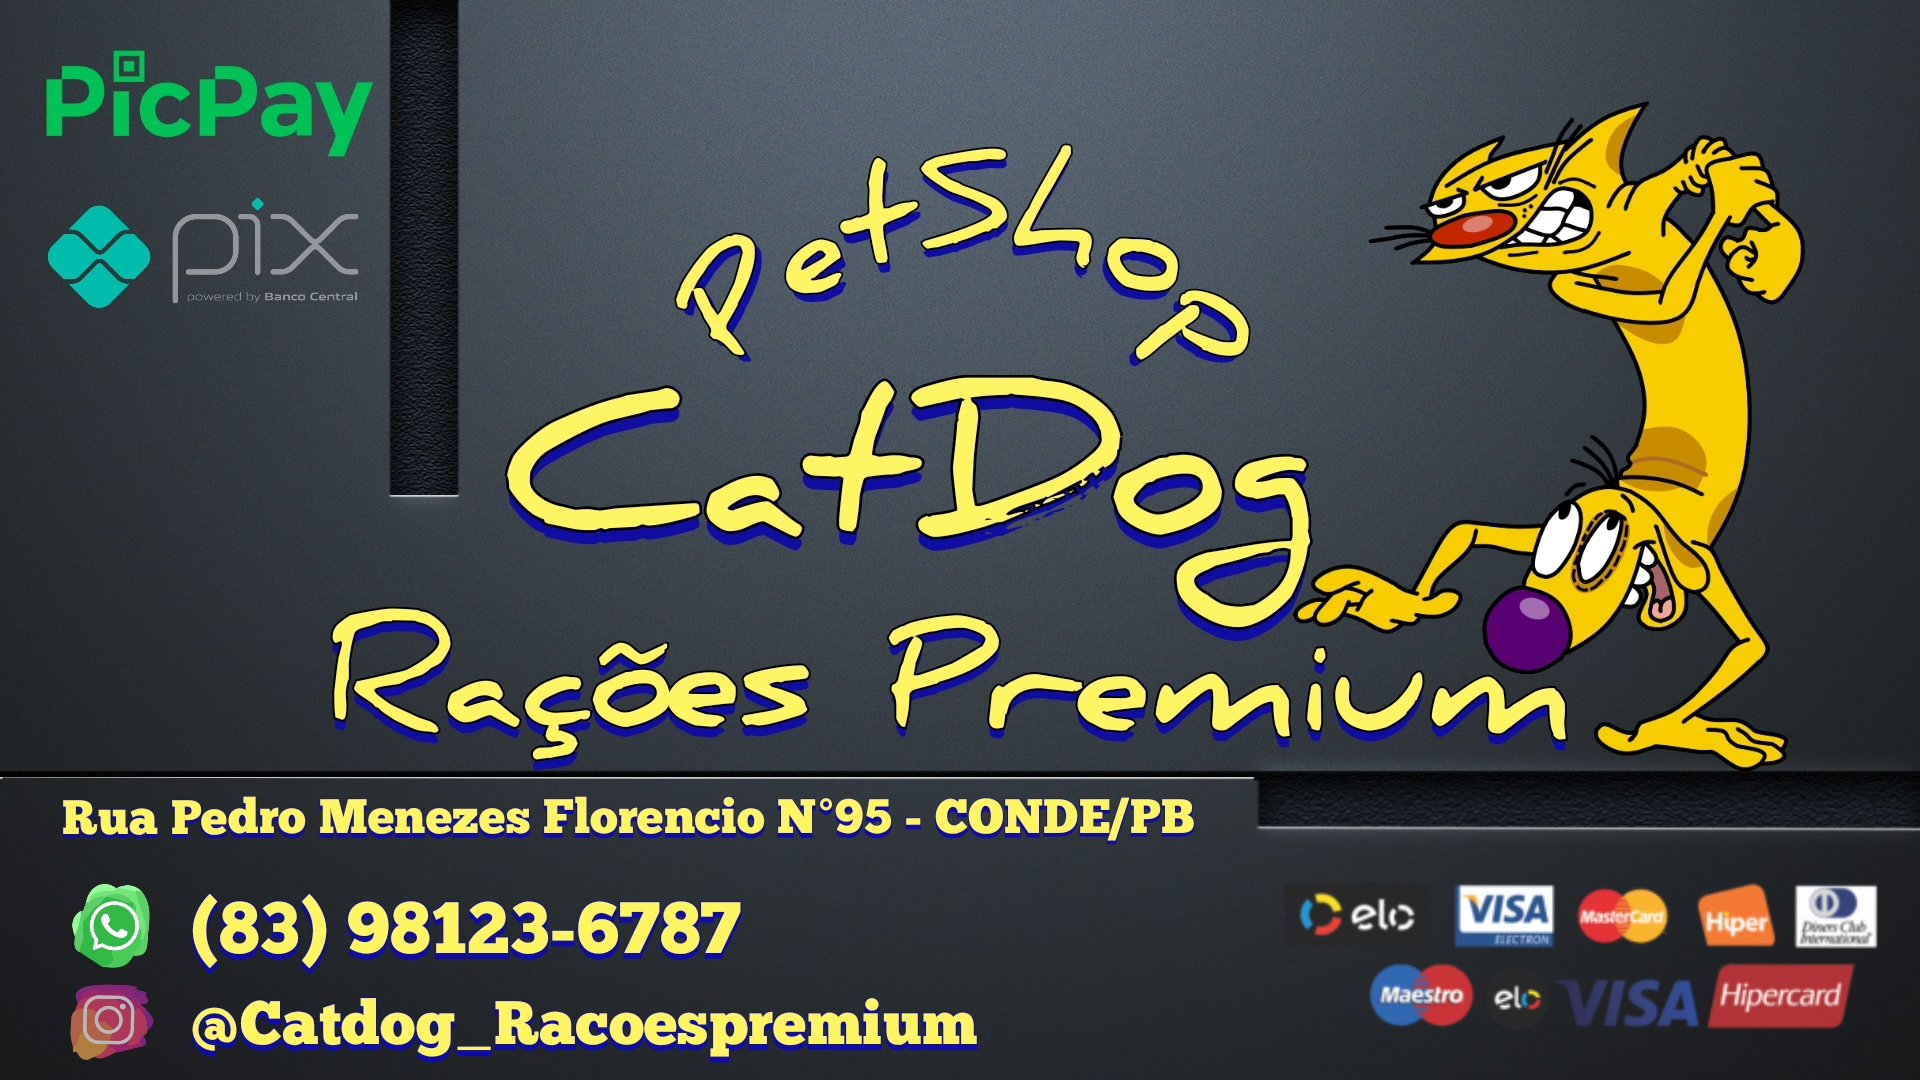 Catdog Rações Premium